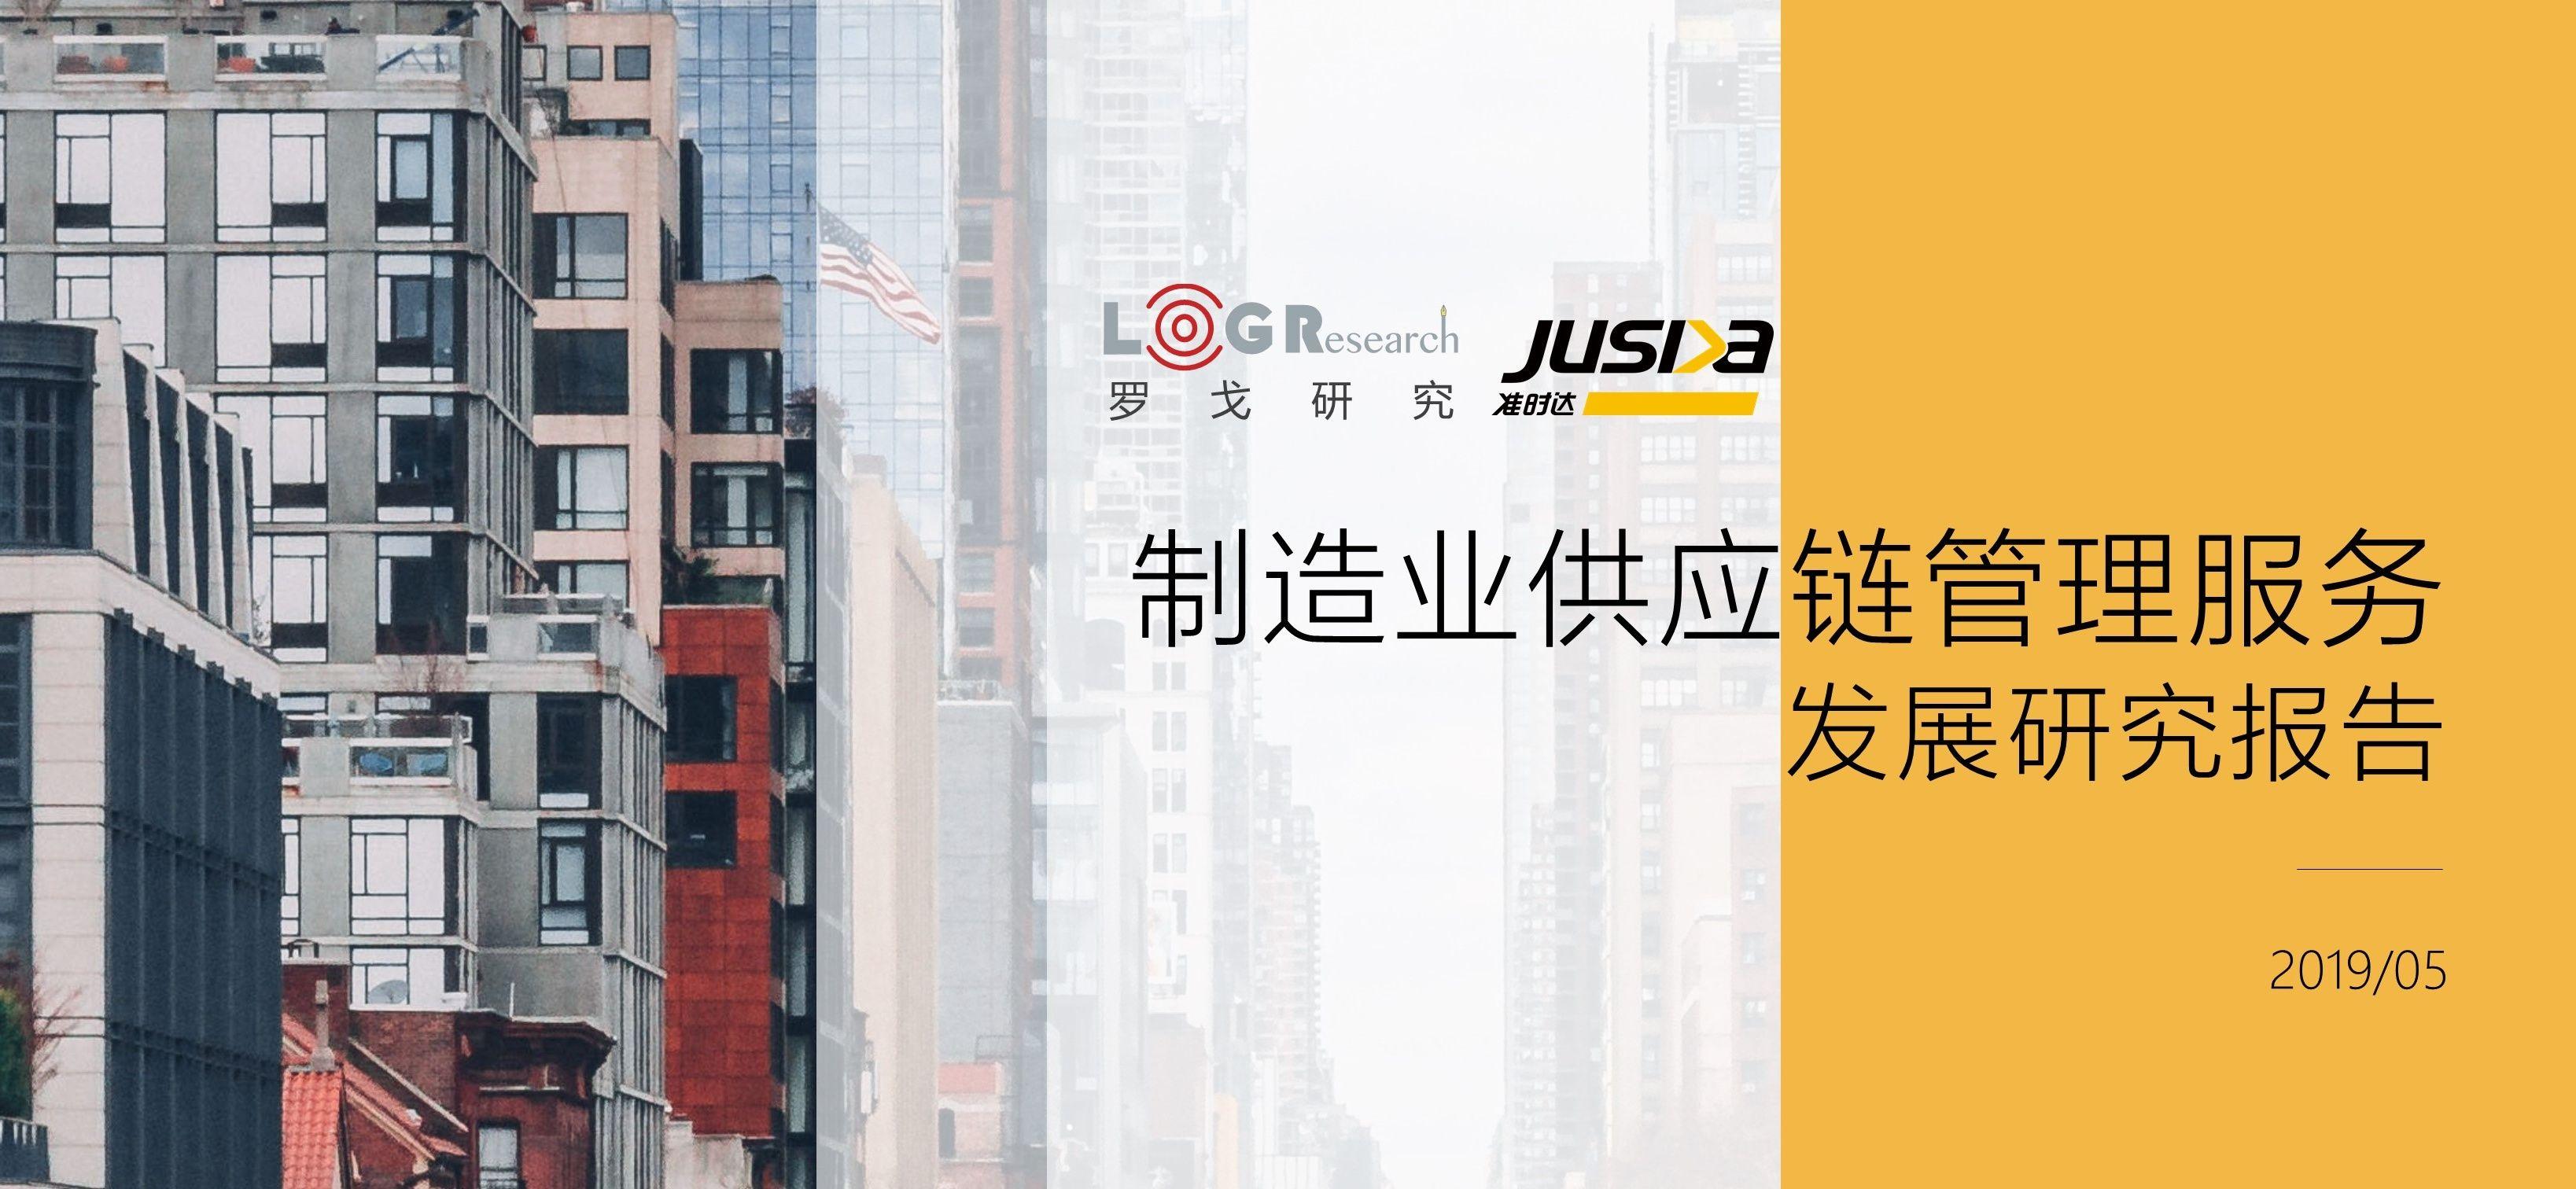 制造业供应链管理服务发展研究报告